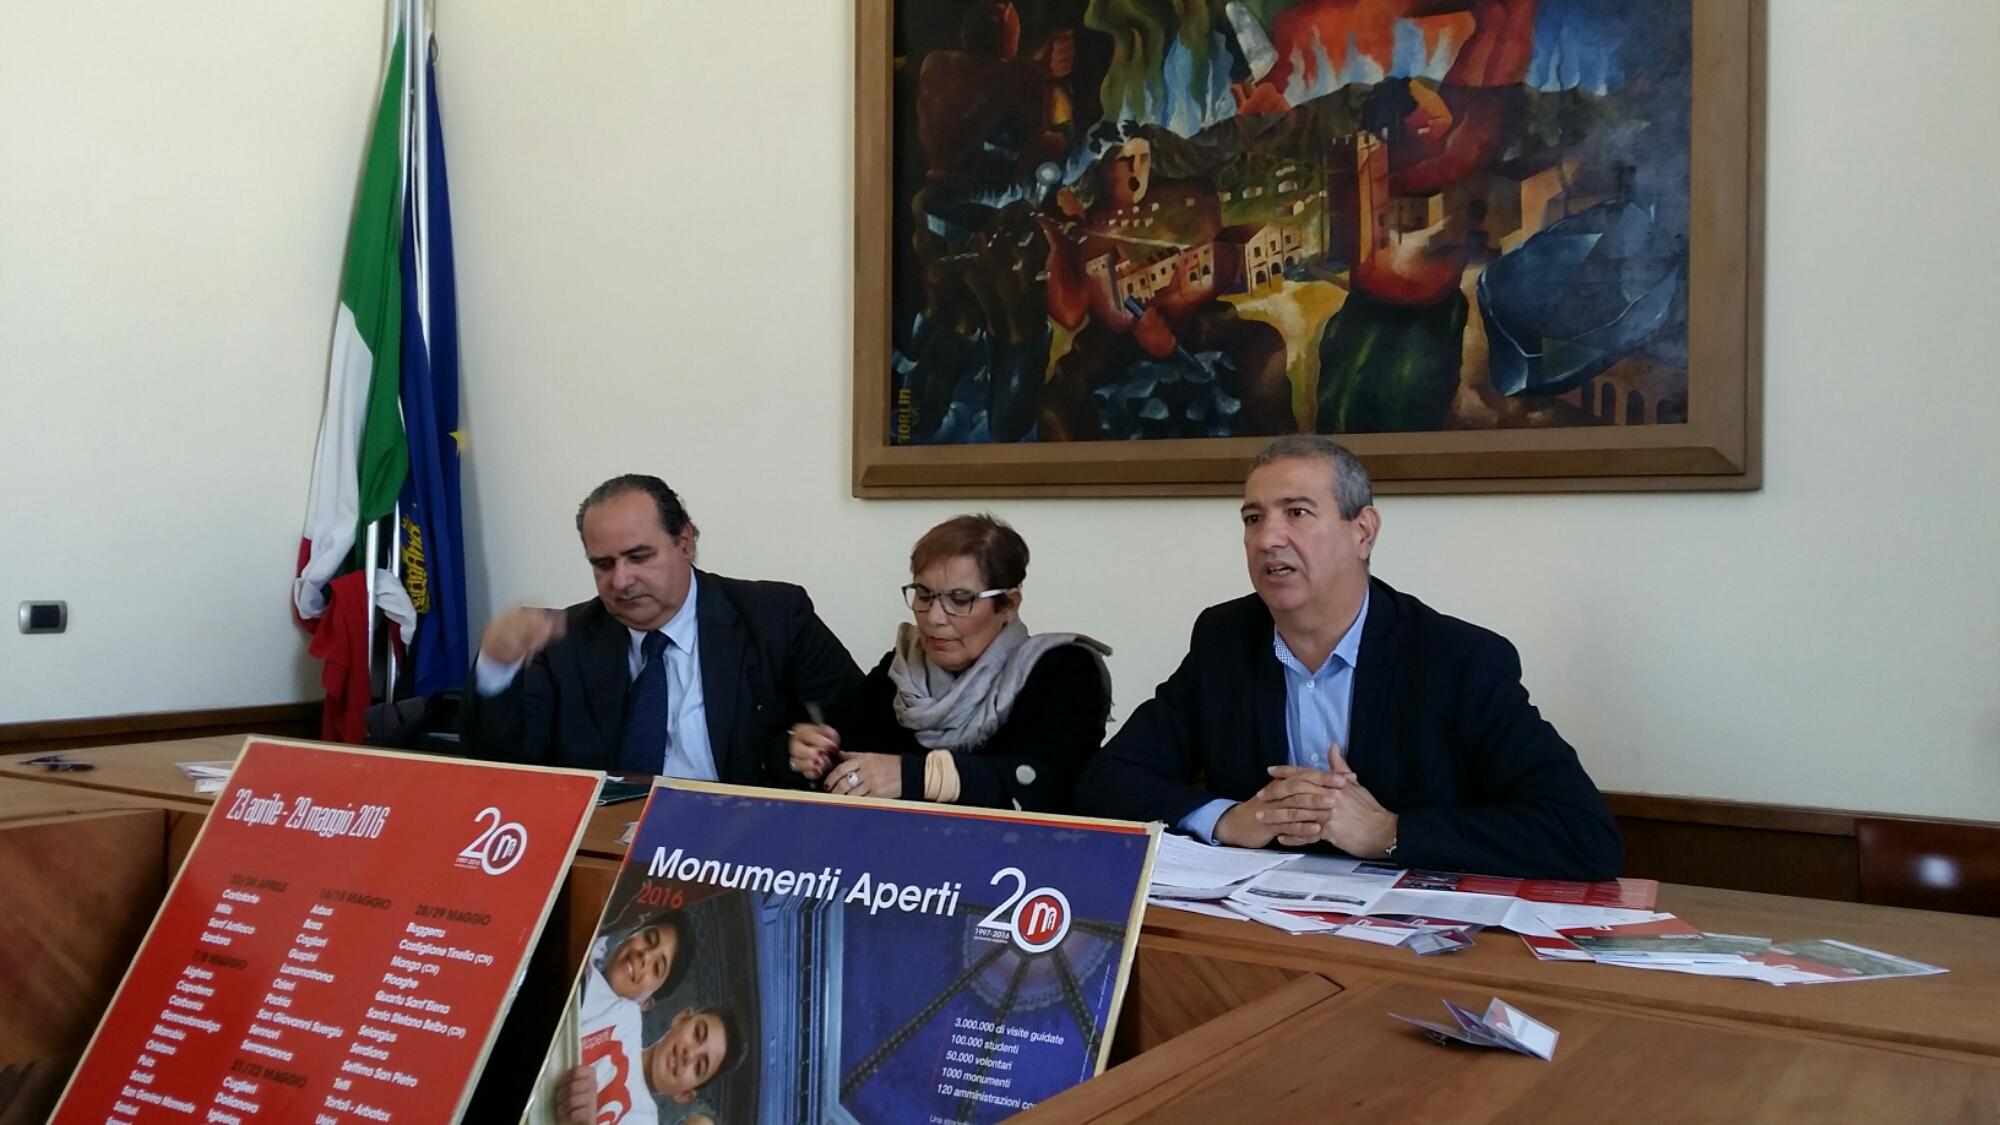 È in corso la presentazione di Monumenti Aperti 2016 a Carbonia.